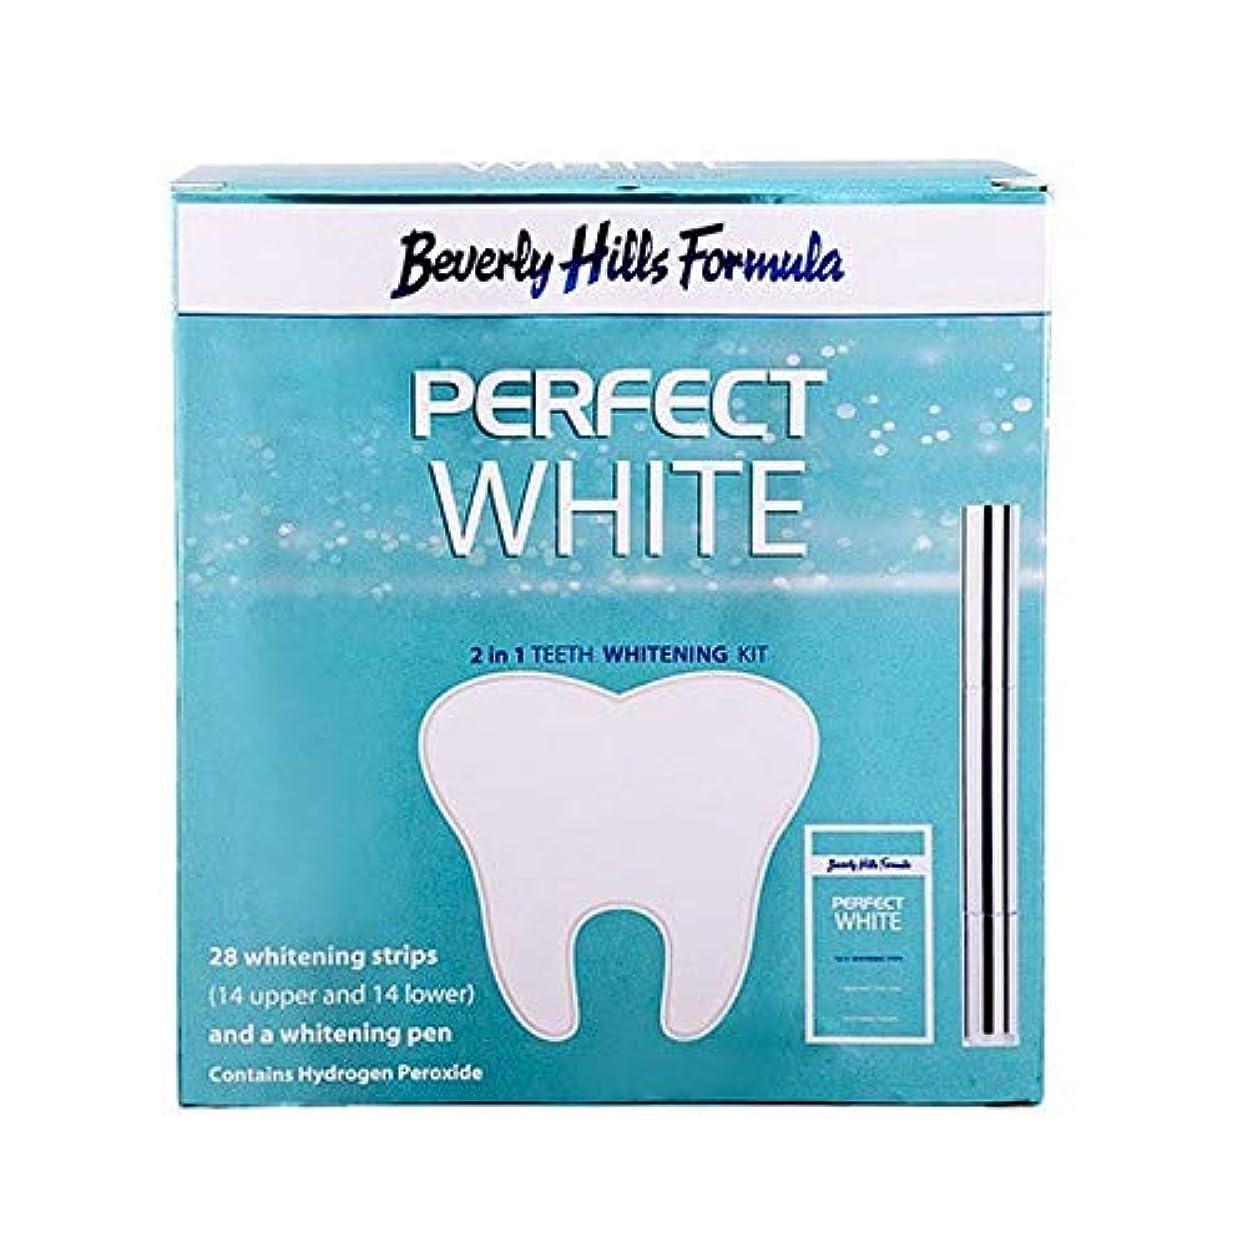 石化するアンプめ言葉[Beverly Hills ] ビバリーヒルズ公式パーフェクトホワイト2 1でホワイトニングキット - Beverly Hills Formula Perfect White 2 in 1 Whitening kit...